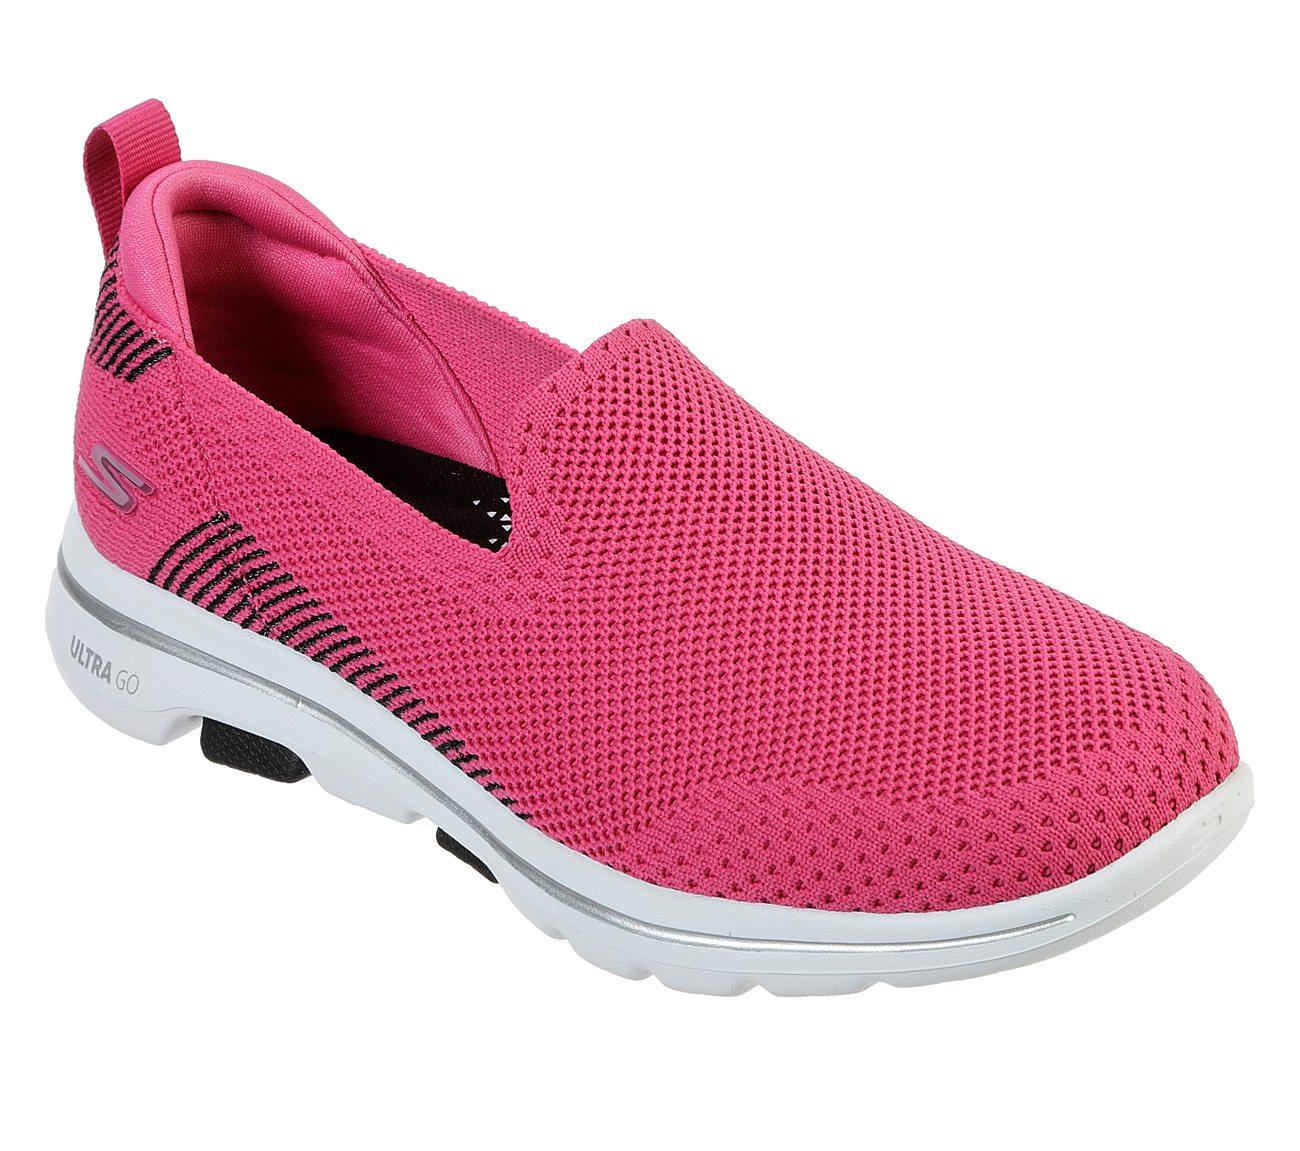 skechers go walk shoes sale